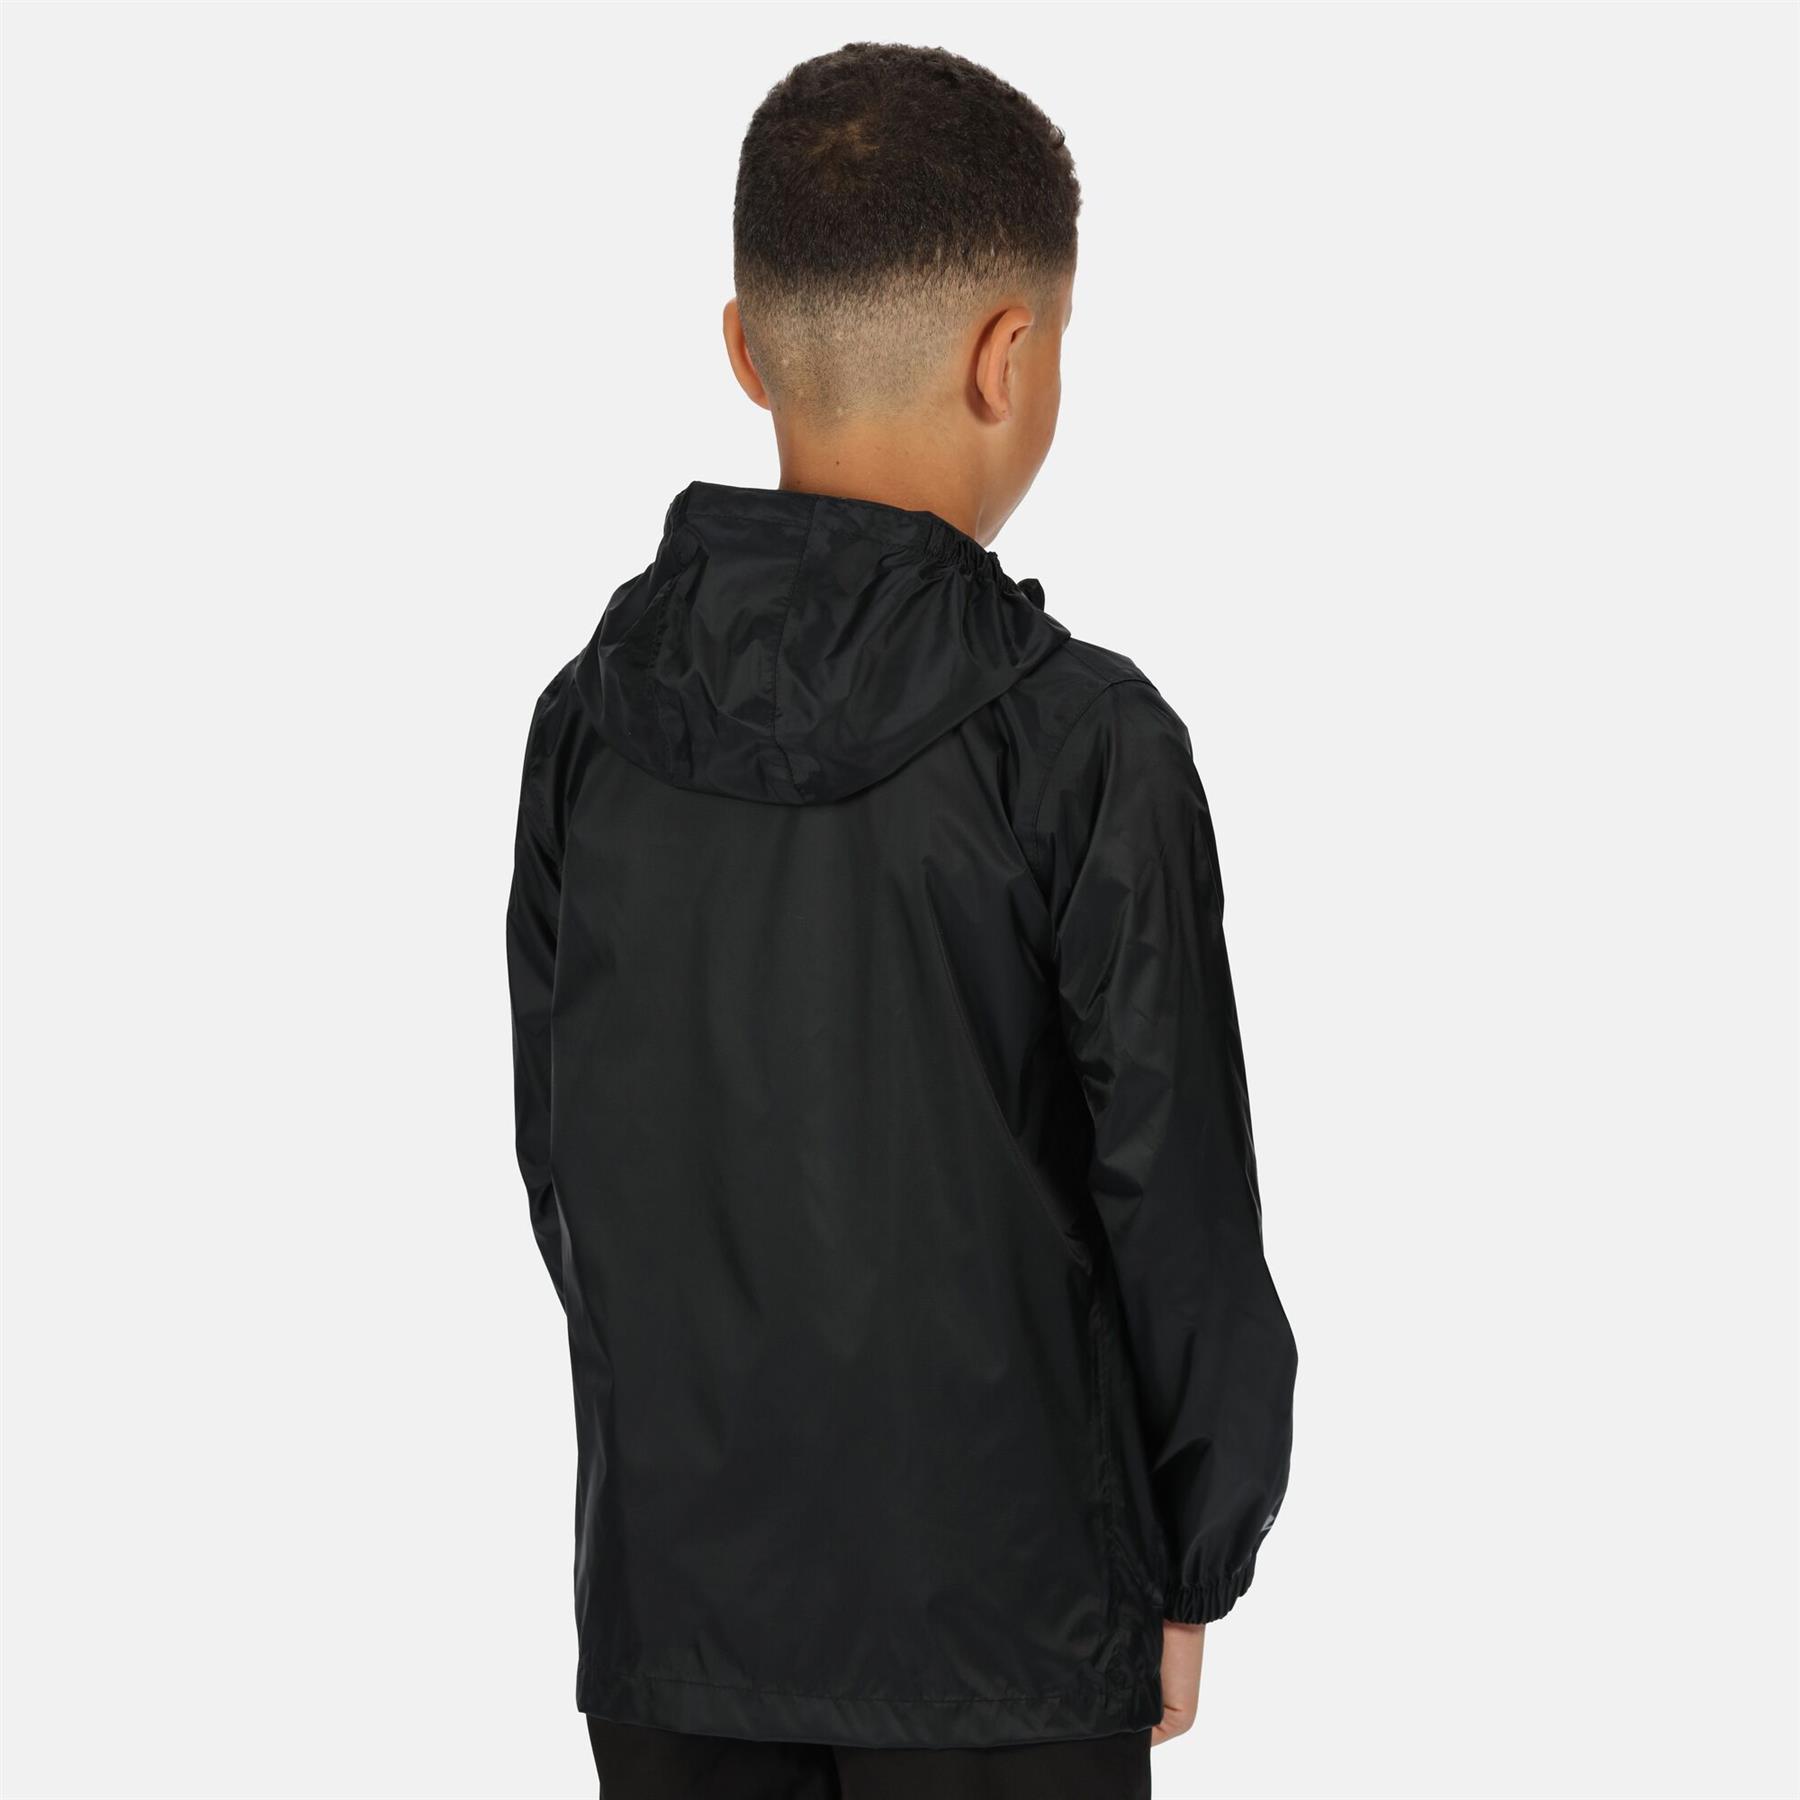 miniatuur 12 - Regatta Kids Pack it Jacket II Lightweight Waterproof Packaway Jacket Boys Girls